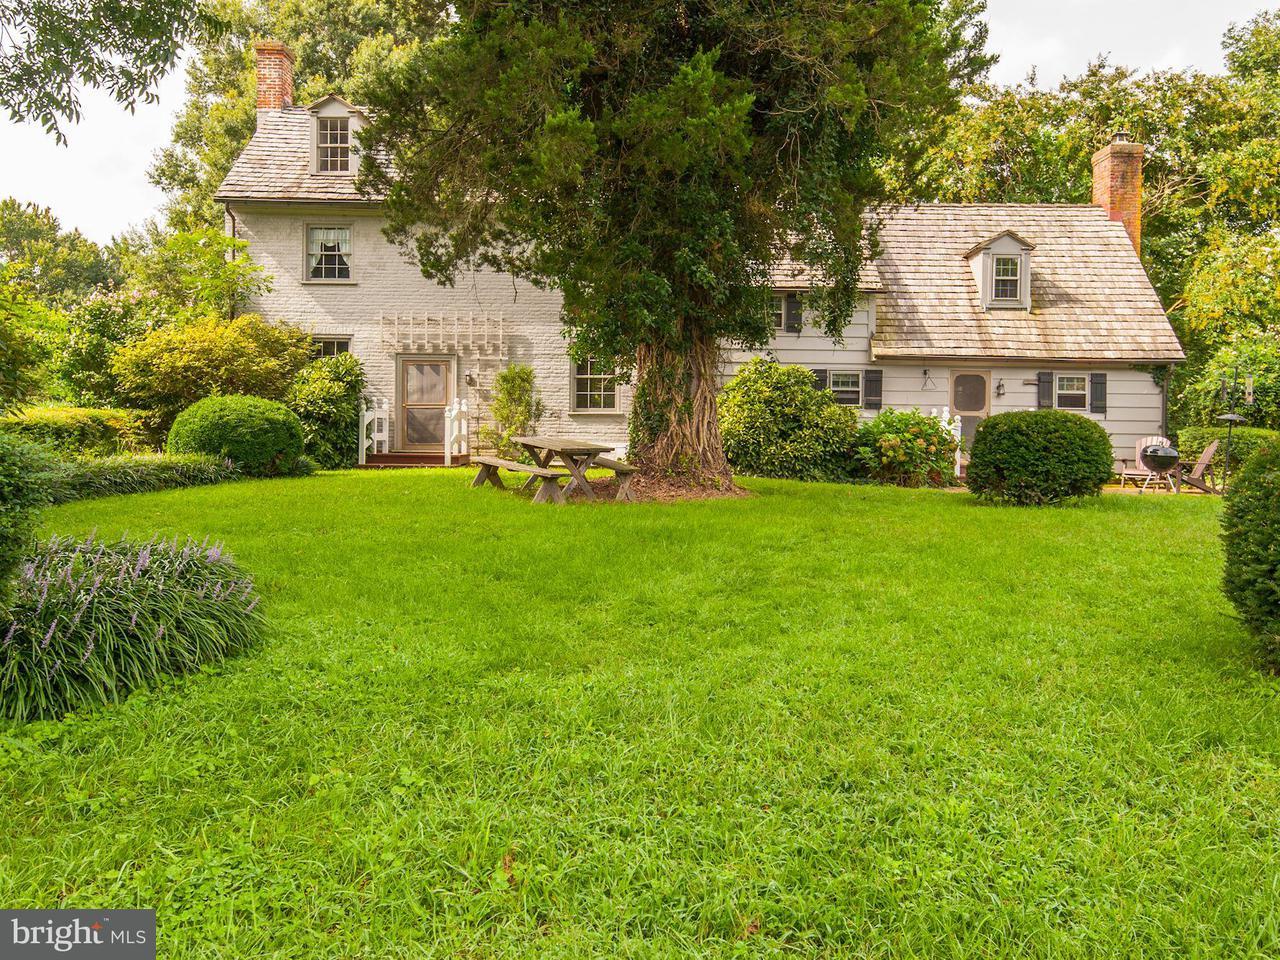 Maison unifamiliale pour l Vente à 9037 Rockcliff Drive 9037 Rockcliff Drive Easton, Maryland 21601 États-Unis